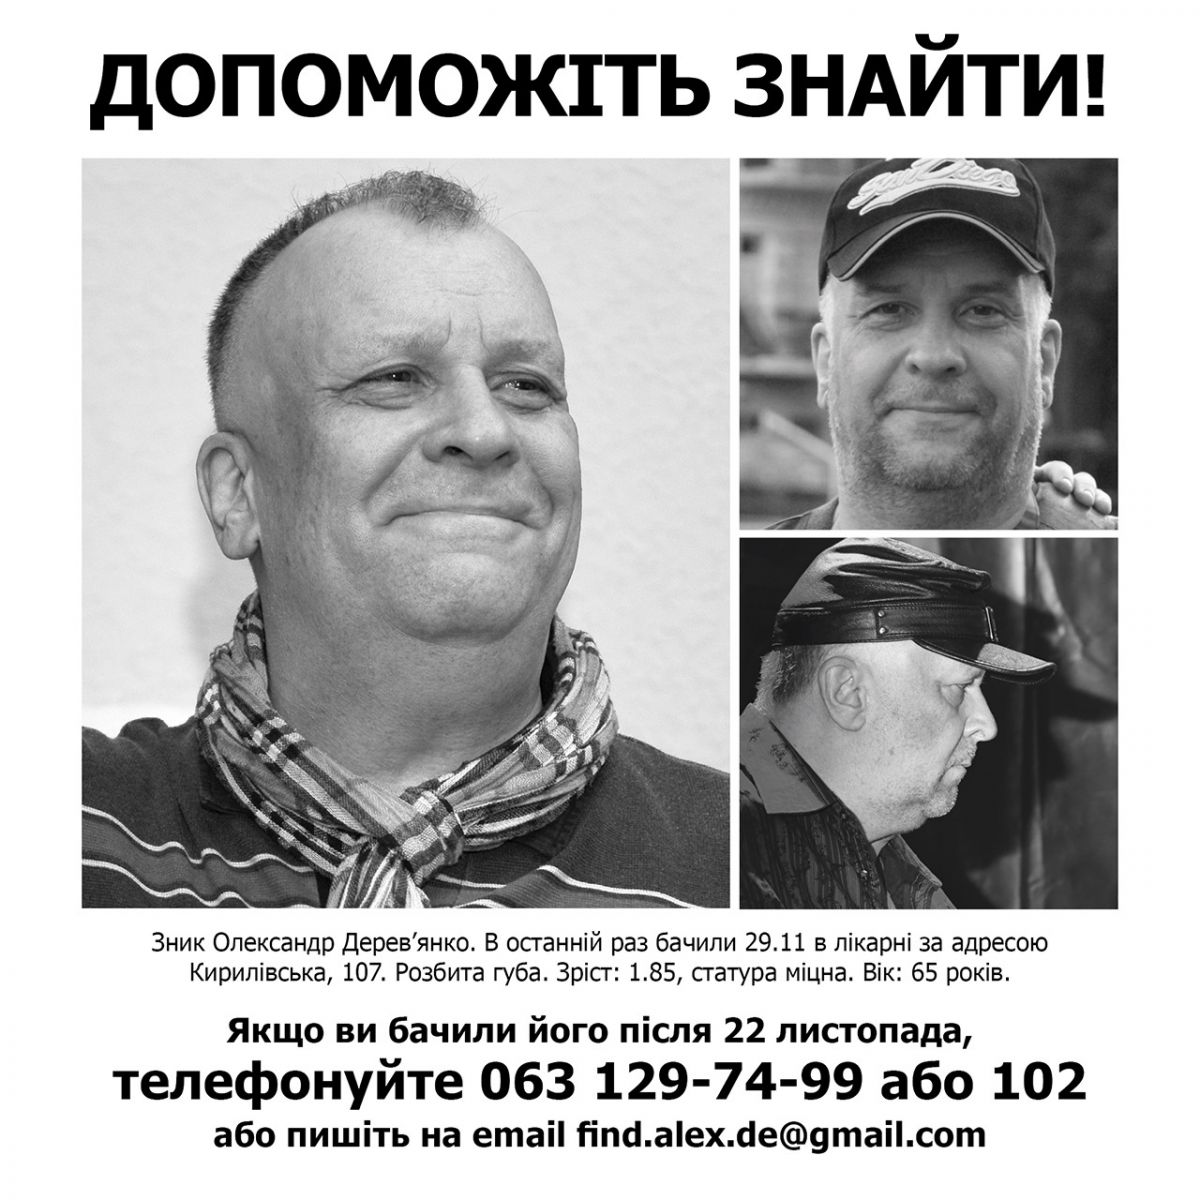 Заклик про допомогу: безвісти зник музикант Олександр Дерев'янко